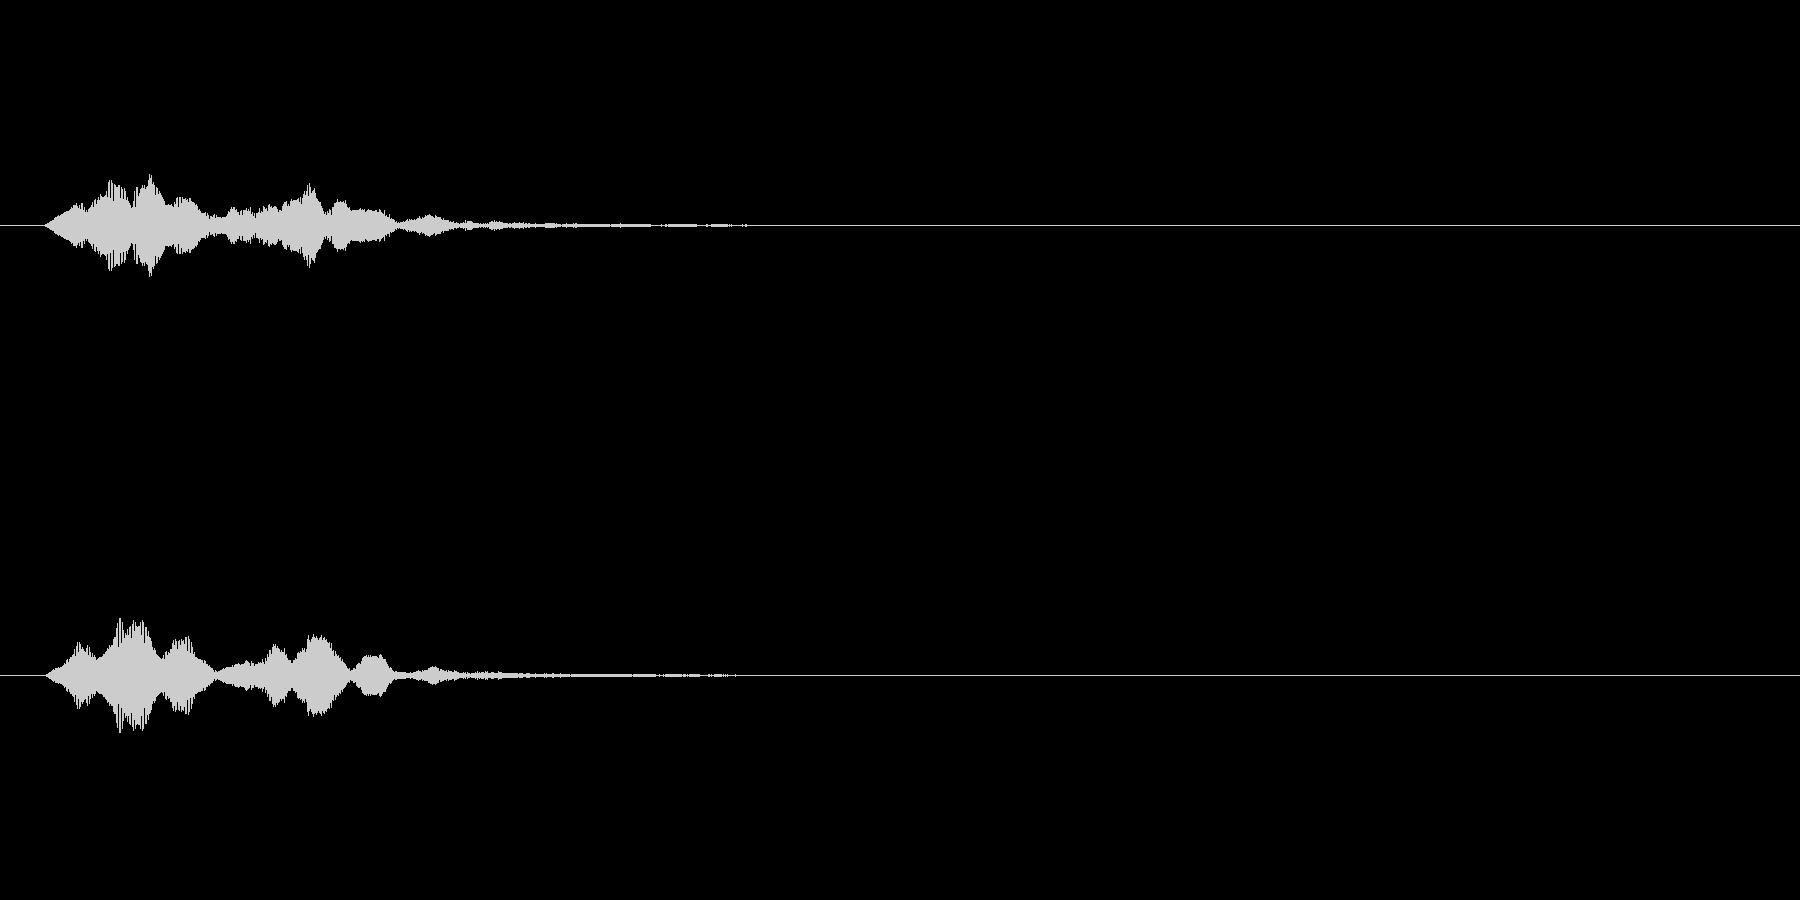 システム・ボタン音4の未再生の波形